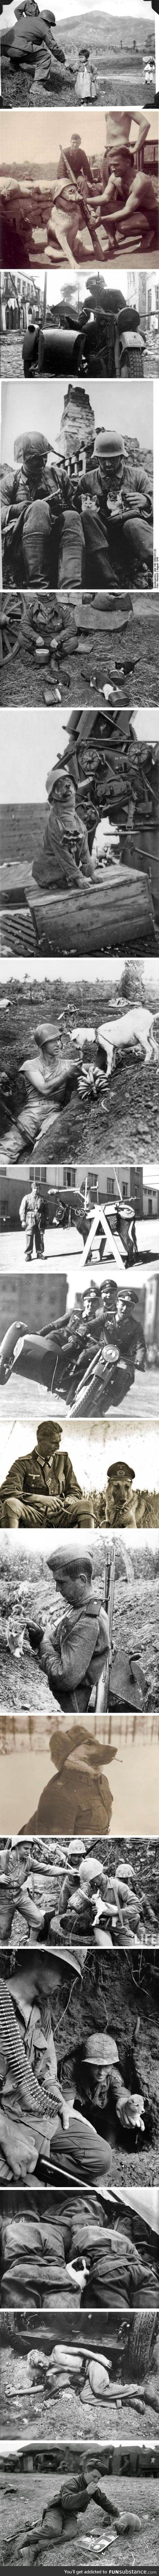 Cool war photos